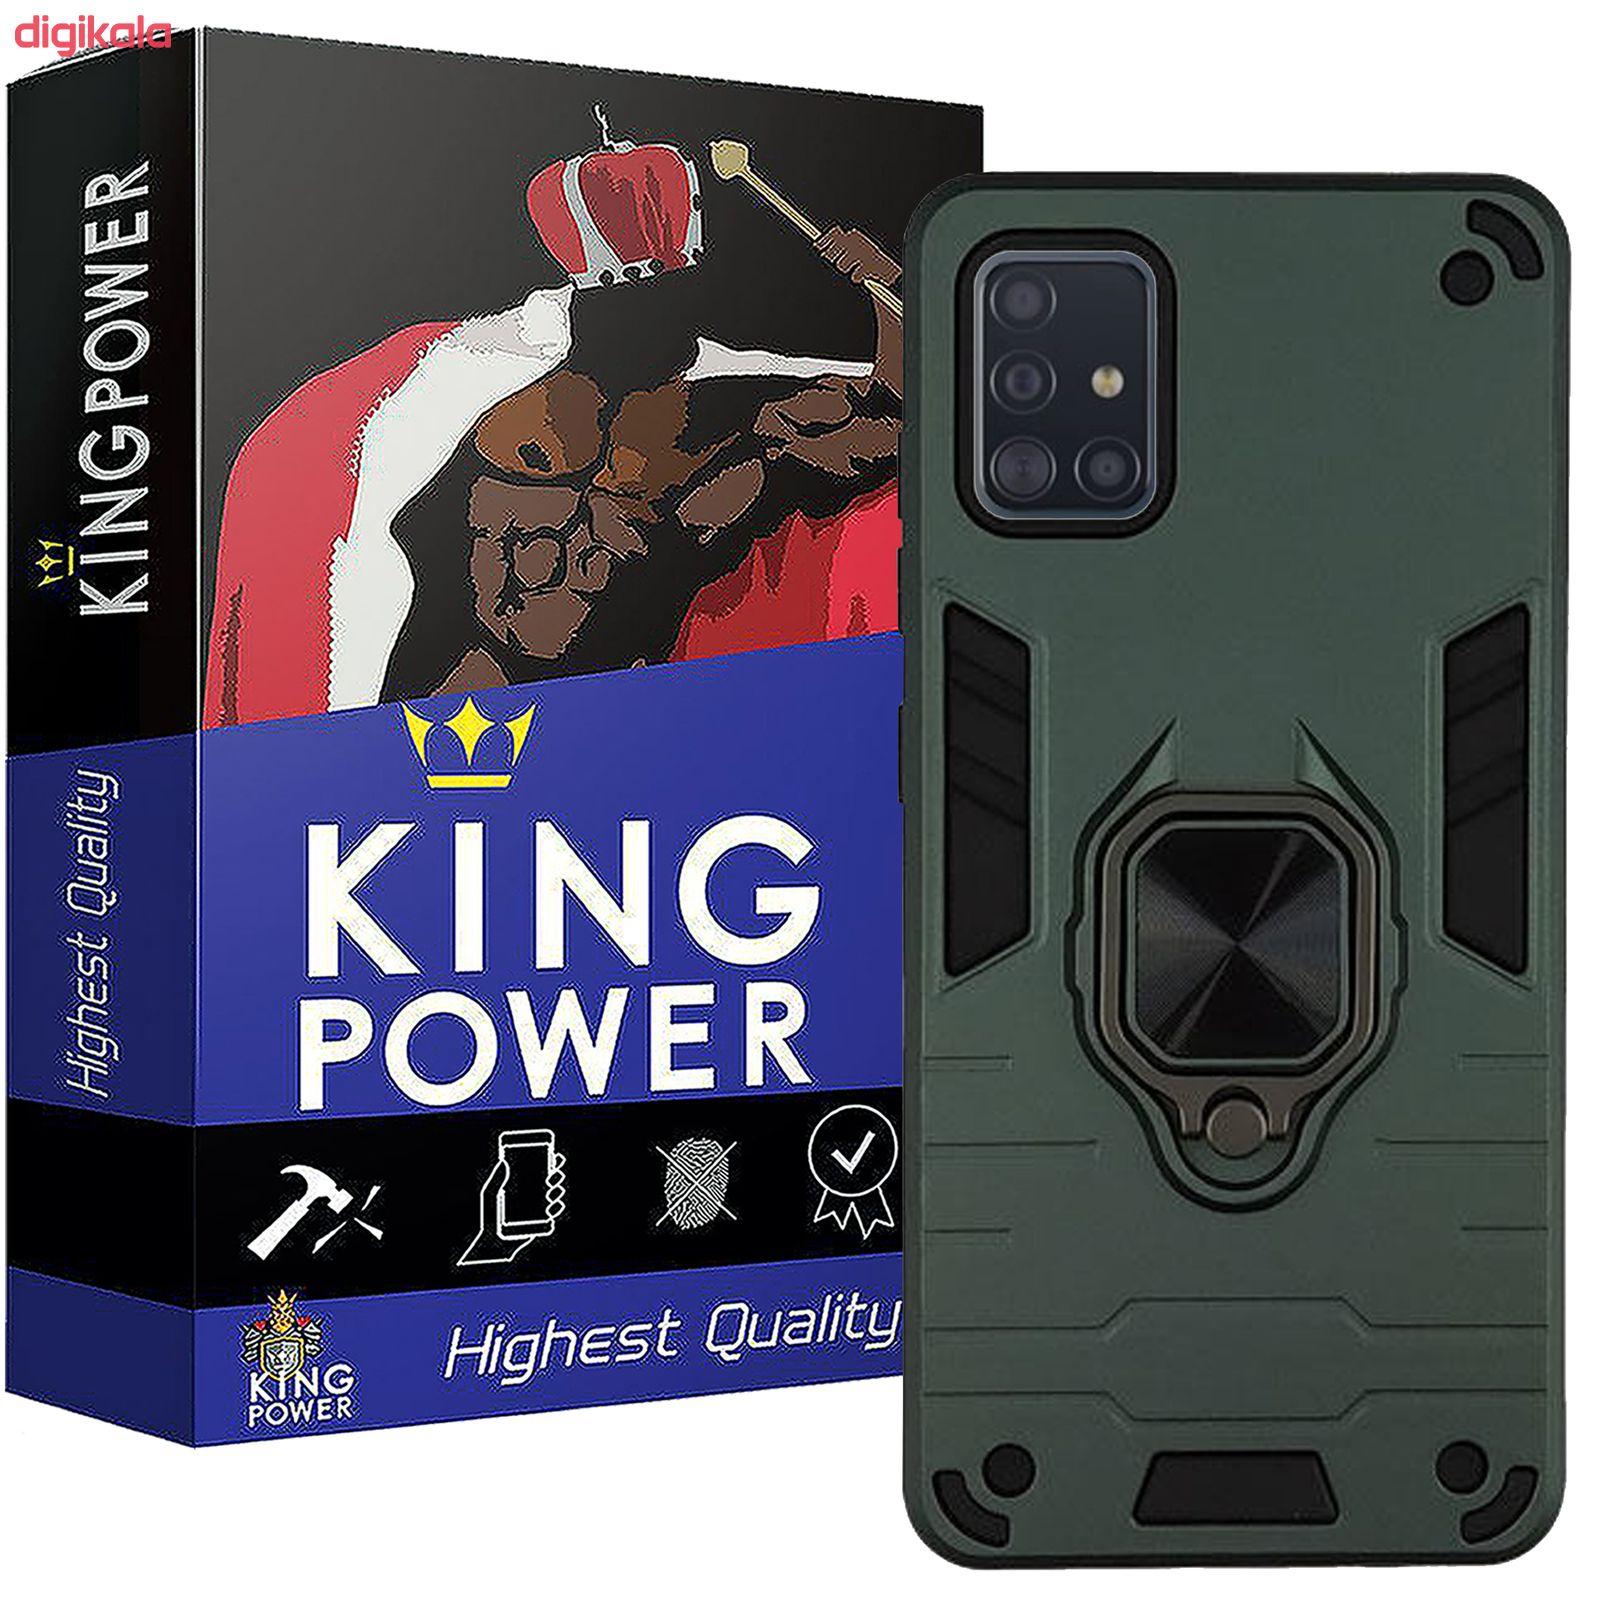 کاور کینگ پاور مدل ASH22 مناسب برای گوشی موبایل سامسونگ Galaxy A51 main 1 1